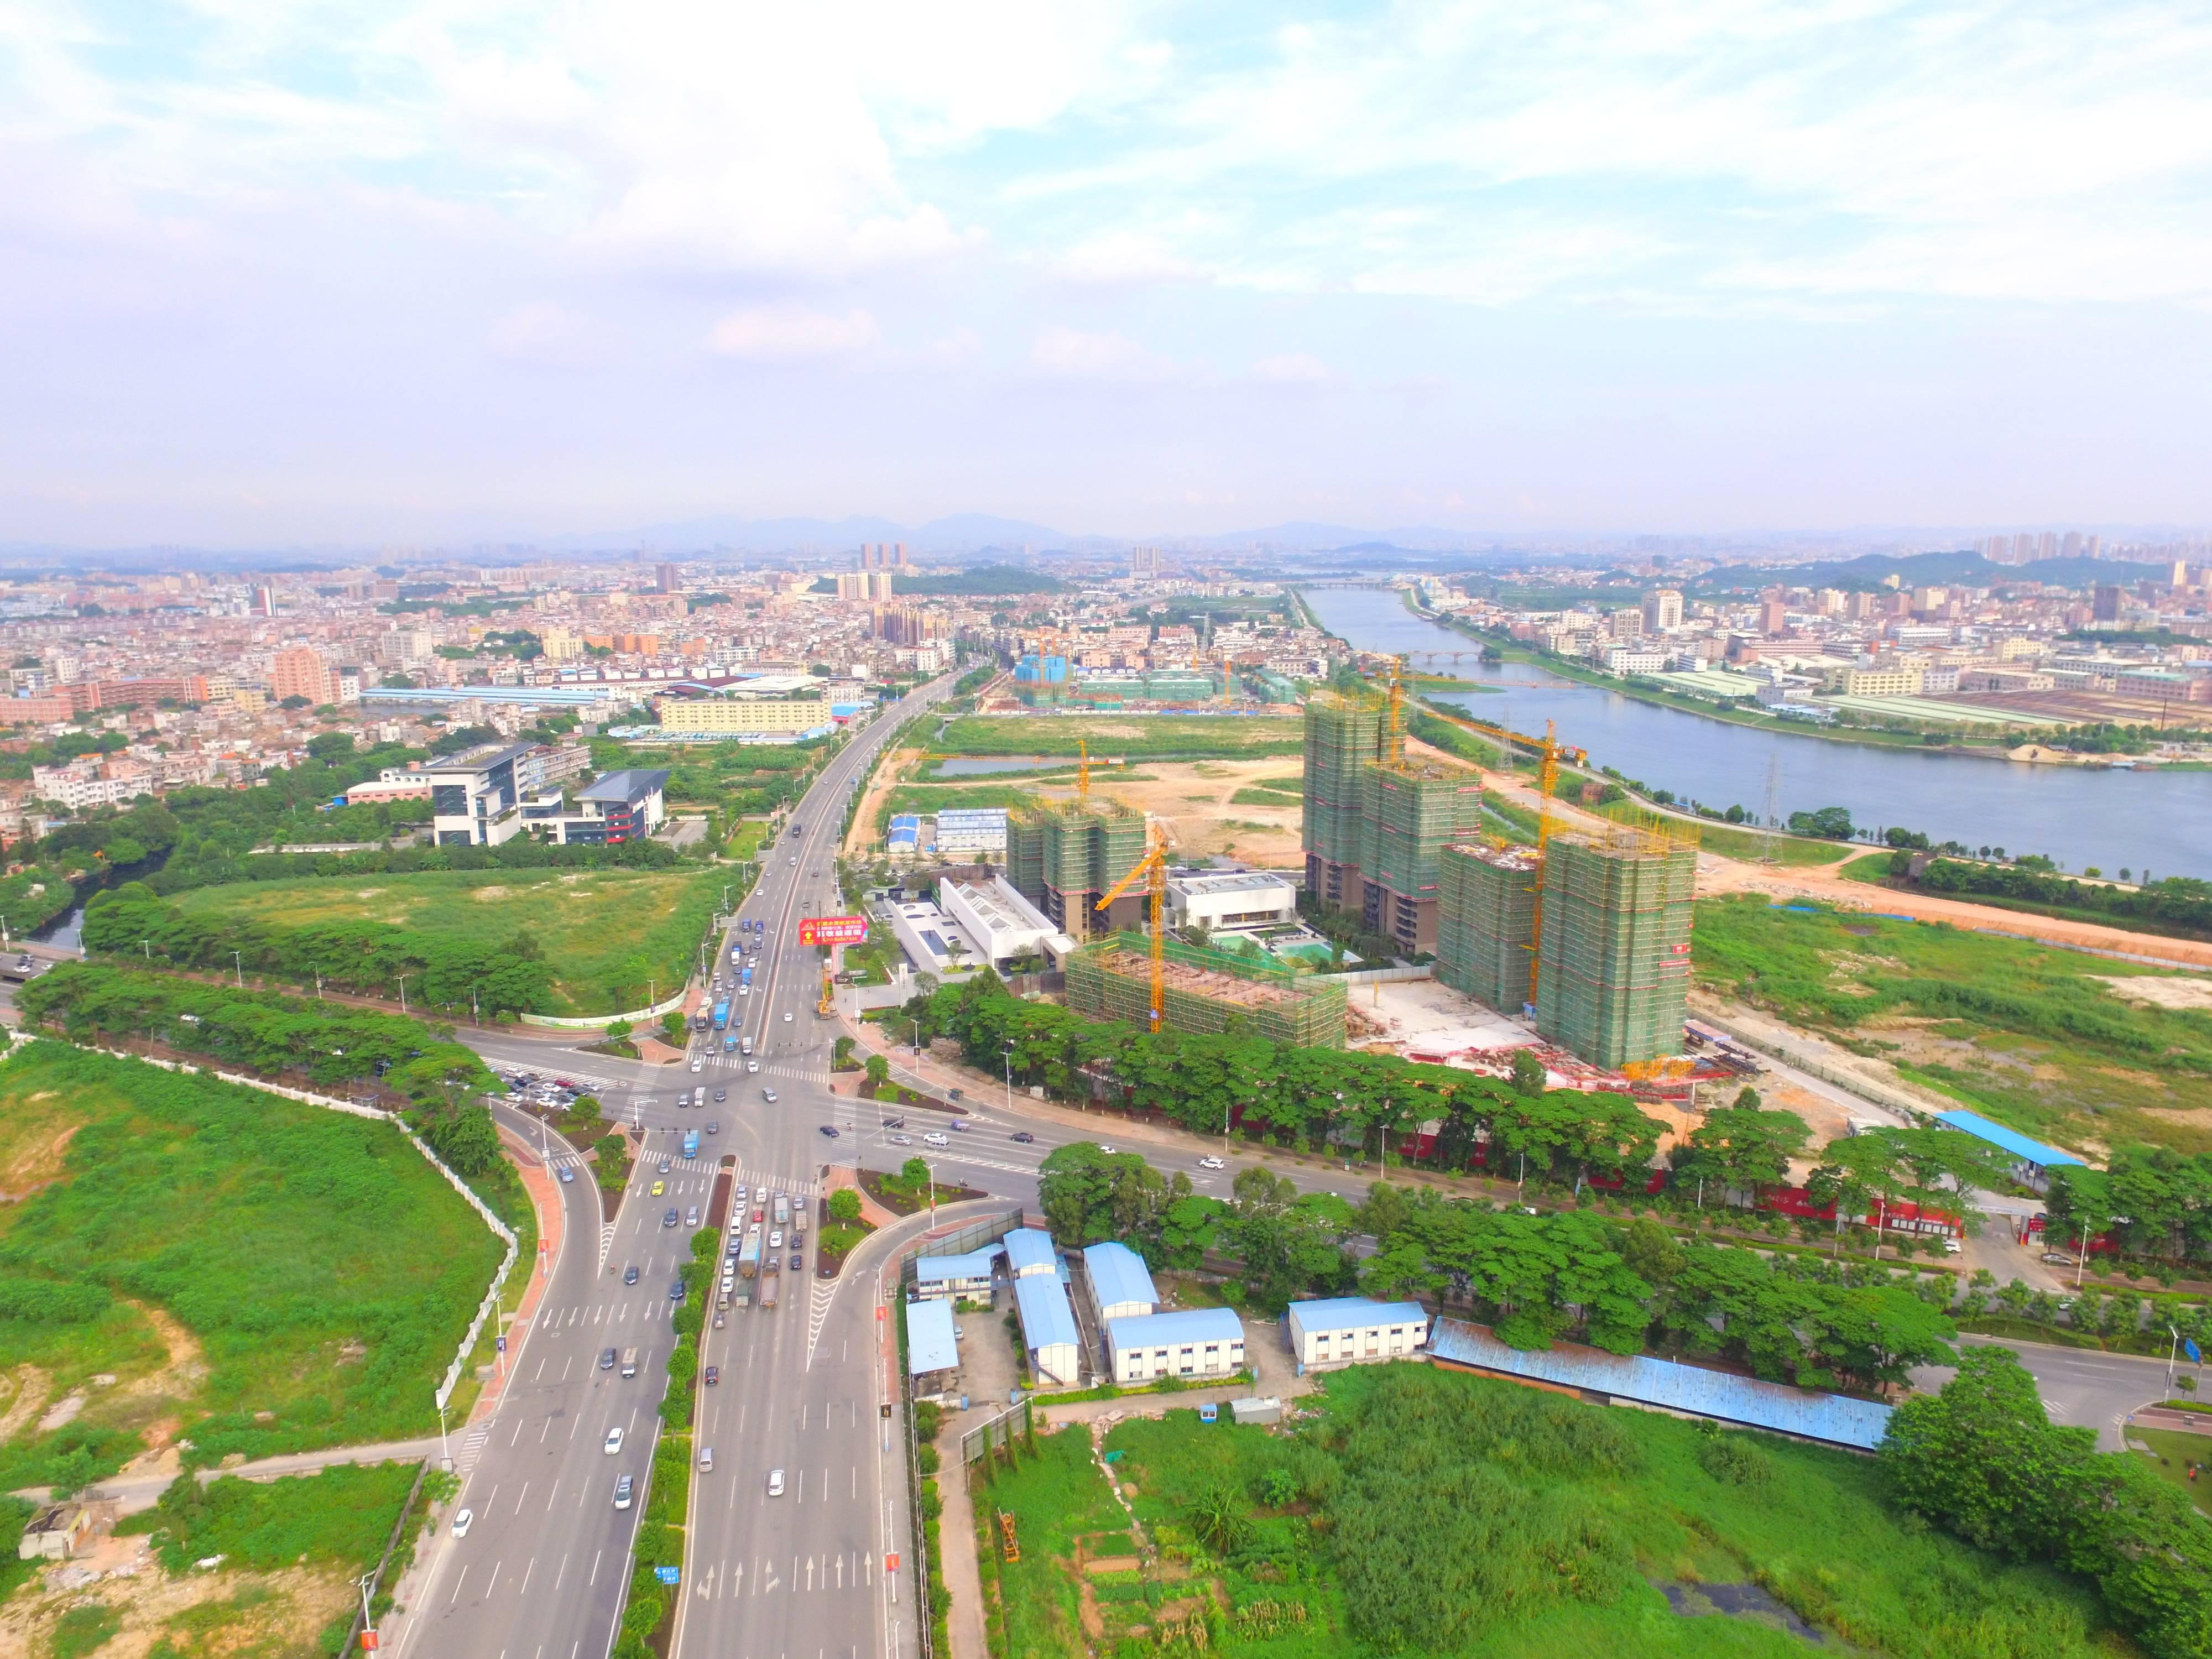 东莞配资东莞有你就有光茶山新城2021我眼中的城市光彩2021年1月19日